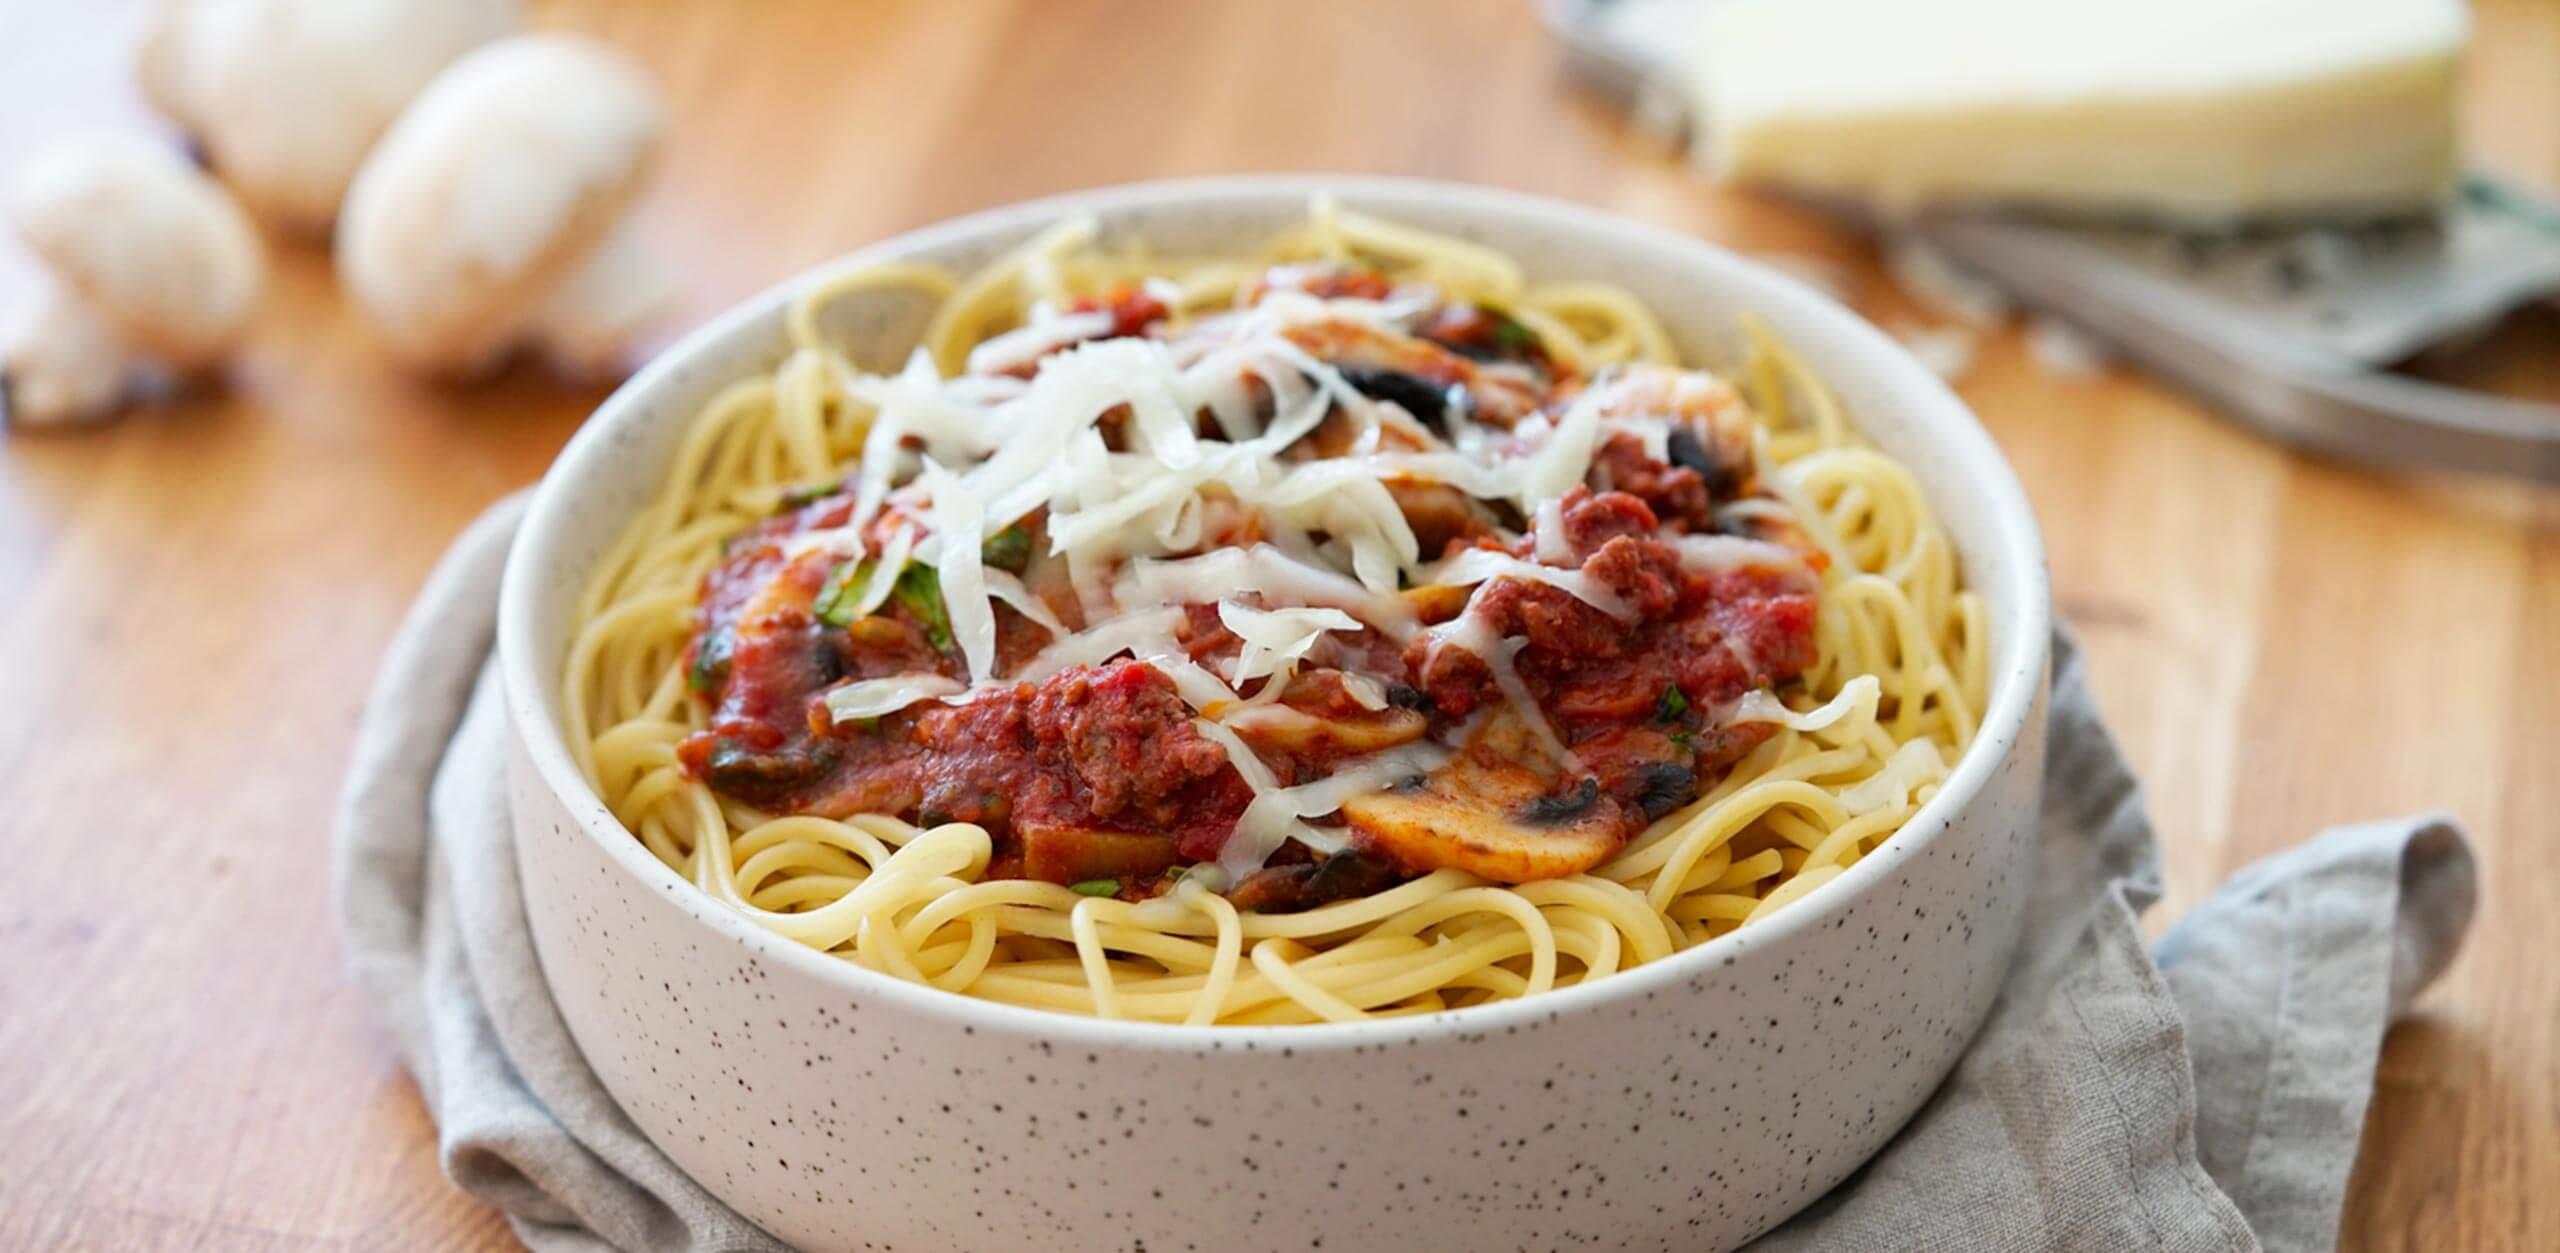 Spaghetti Bolognaise à la Française